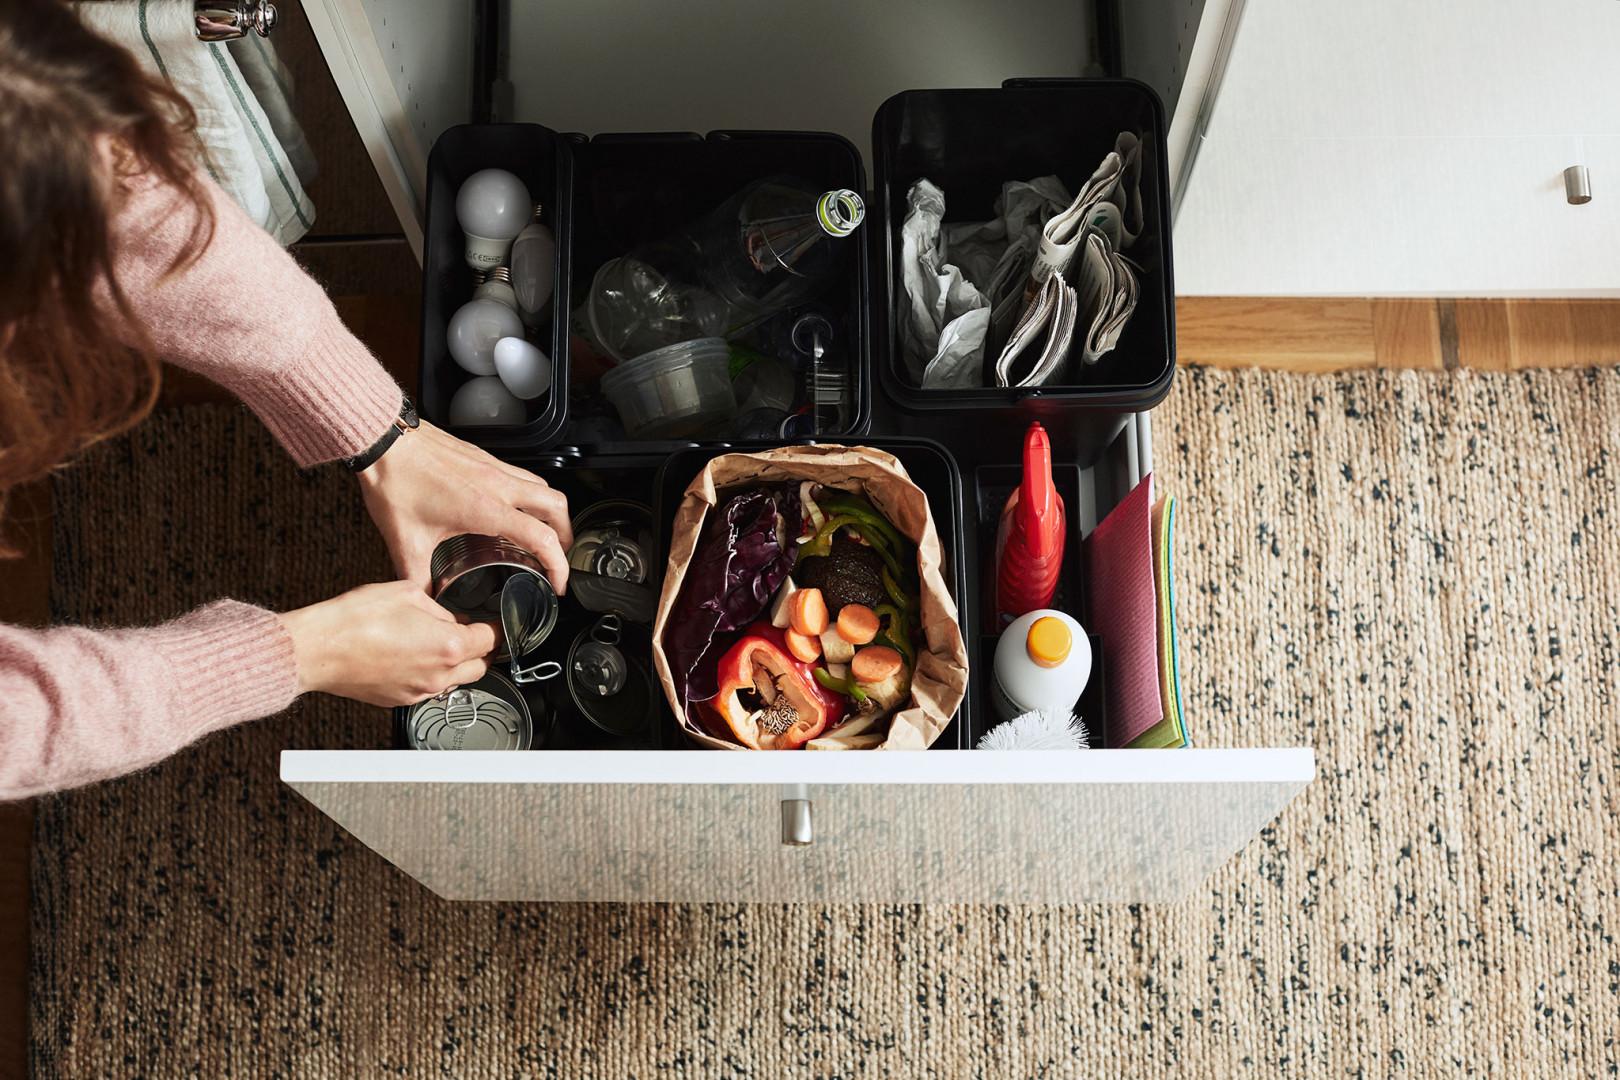 Rozwiązania IKEA pozwalające dbać o środowisko. Fot. IKEA